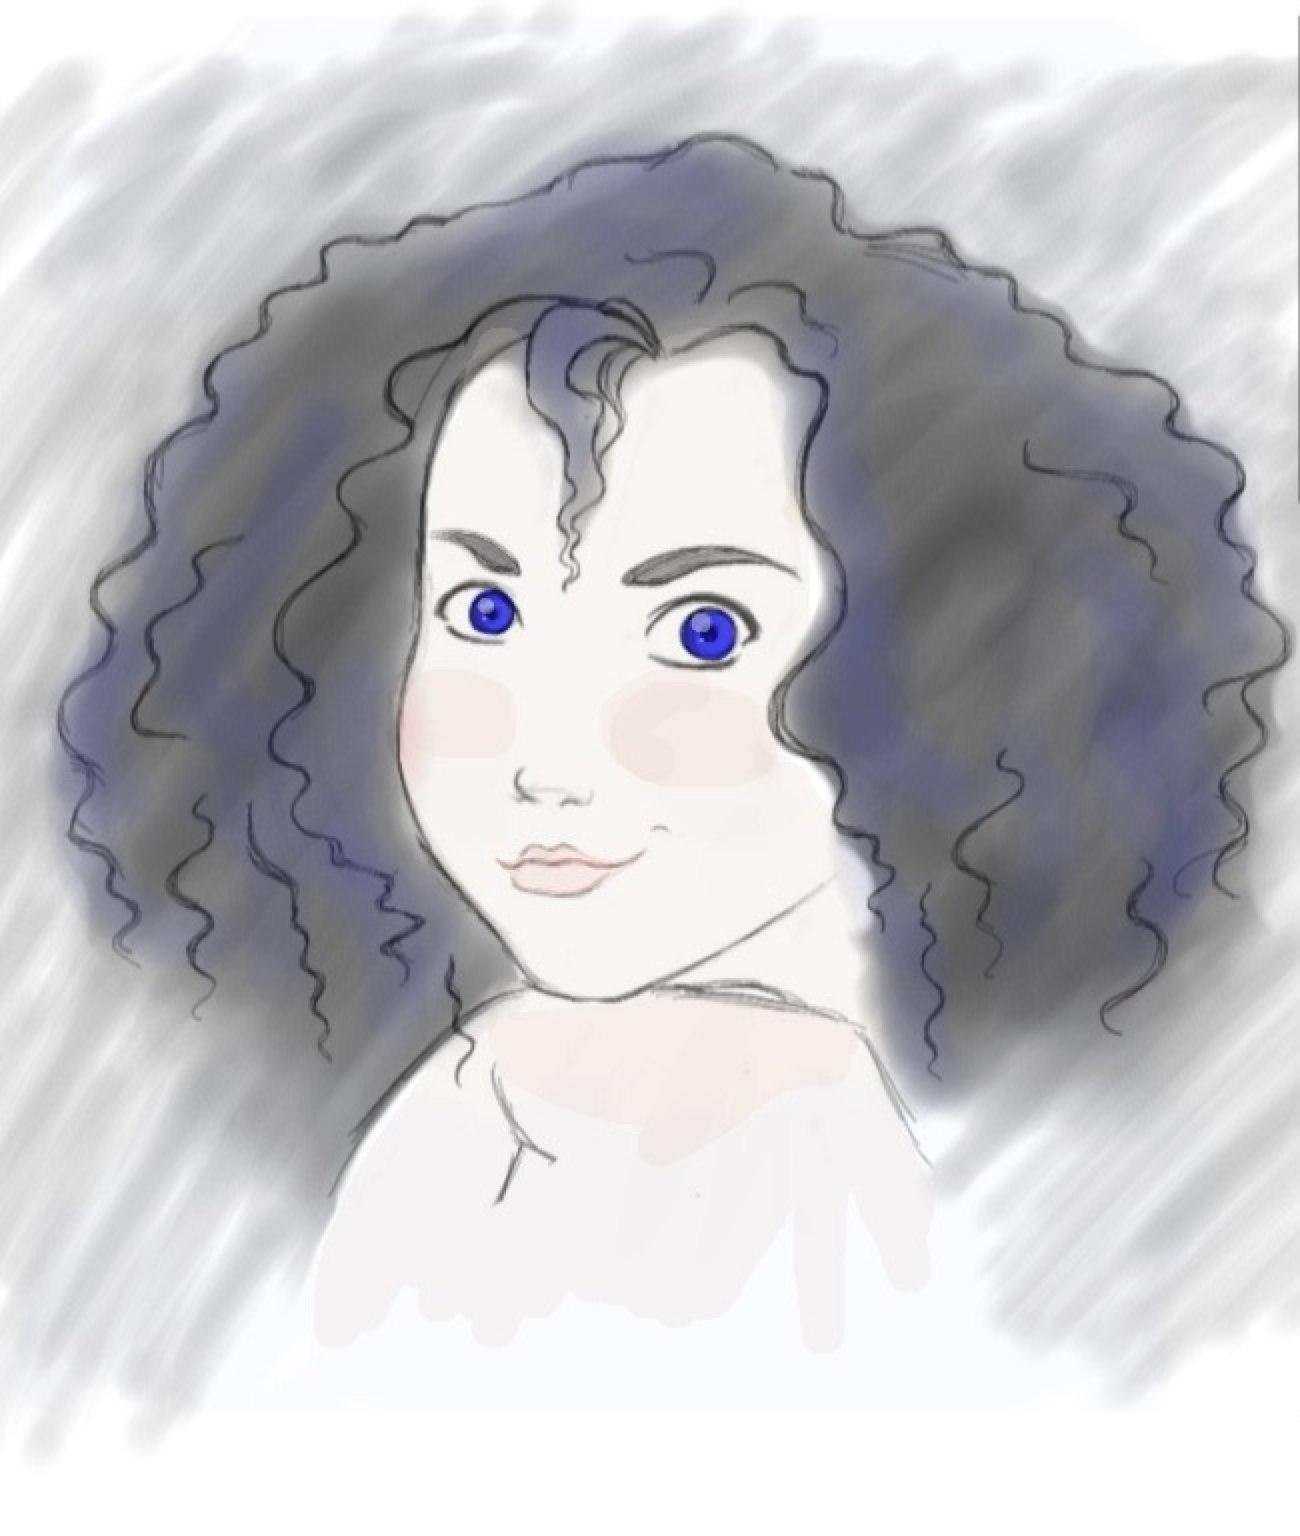 http://cs402122.userapi.com/v402122421/46d8/6OIhOK4WMjg.jpg